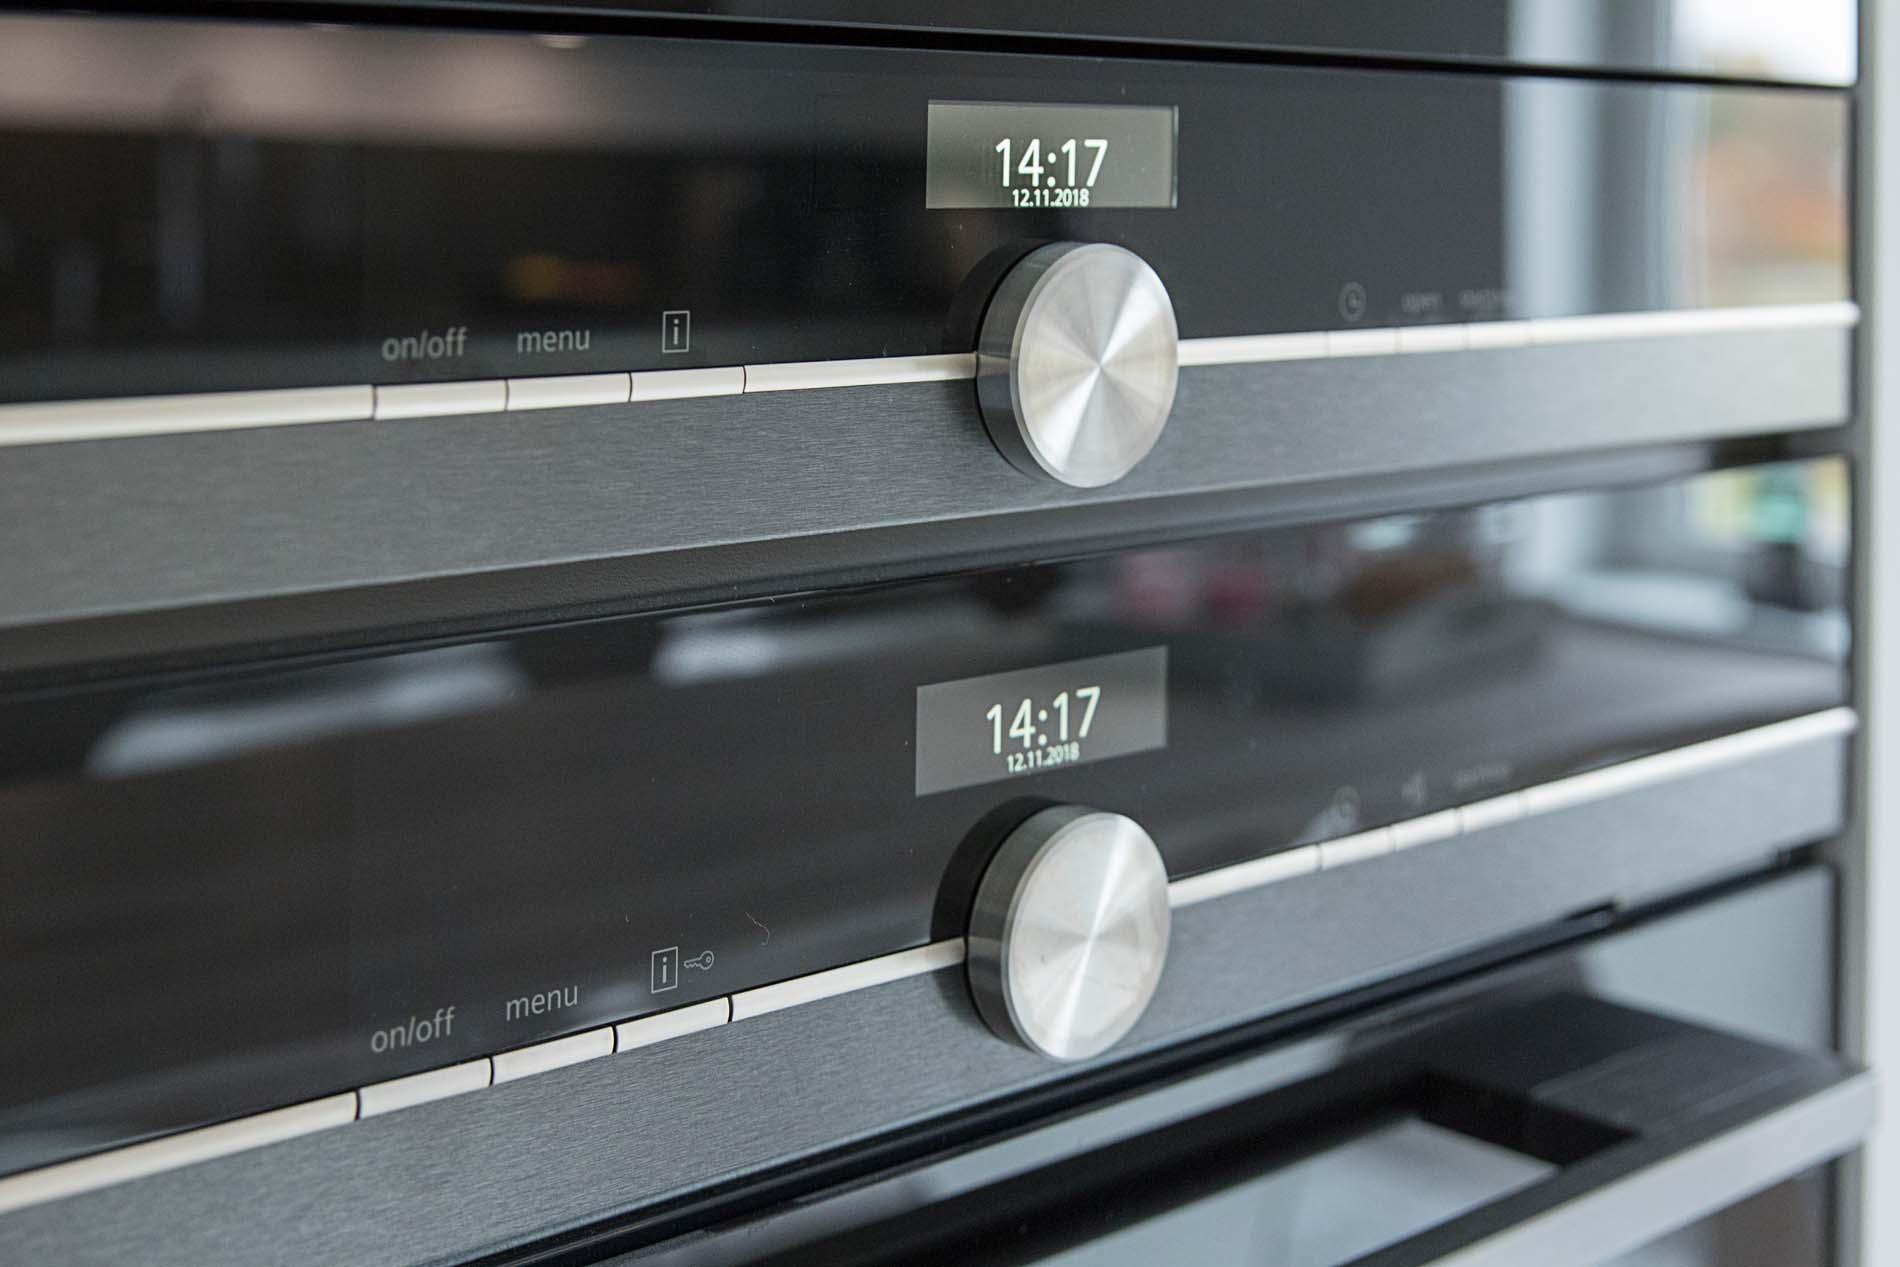 Siemens bakoven boven elkaar geplaatst, Keukenapparatuur ASWA Keukens